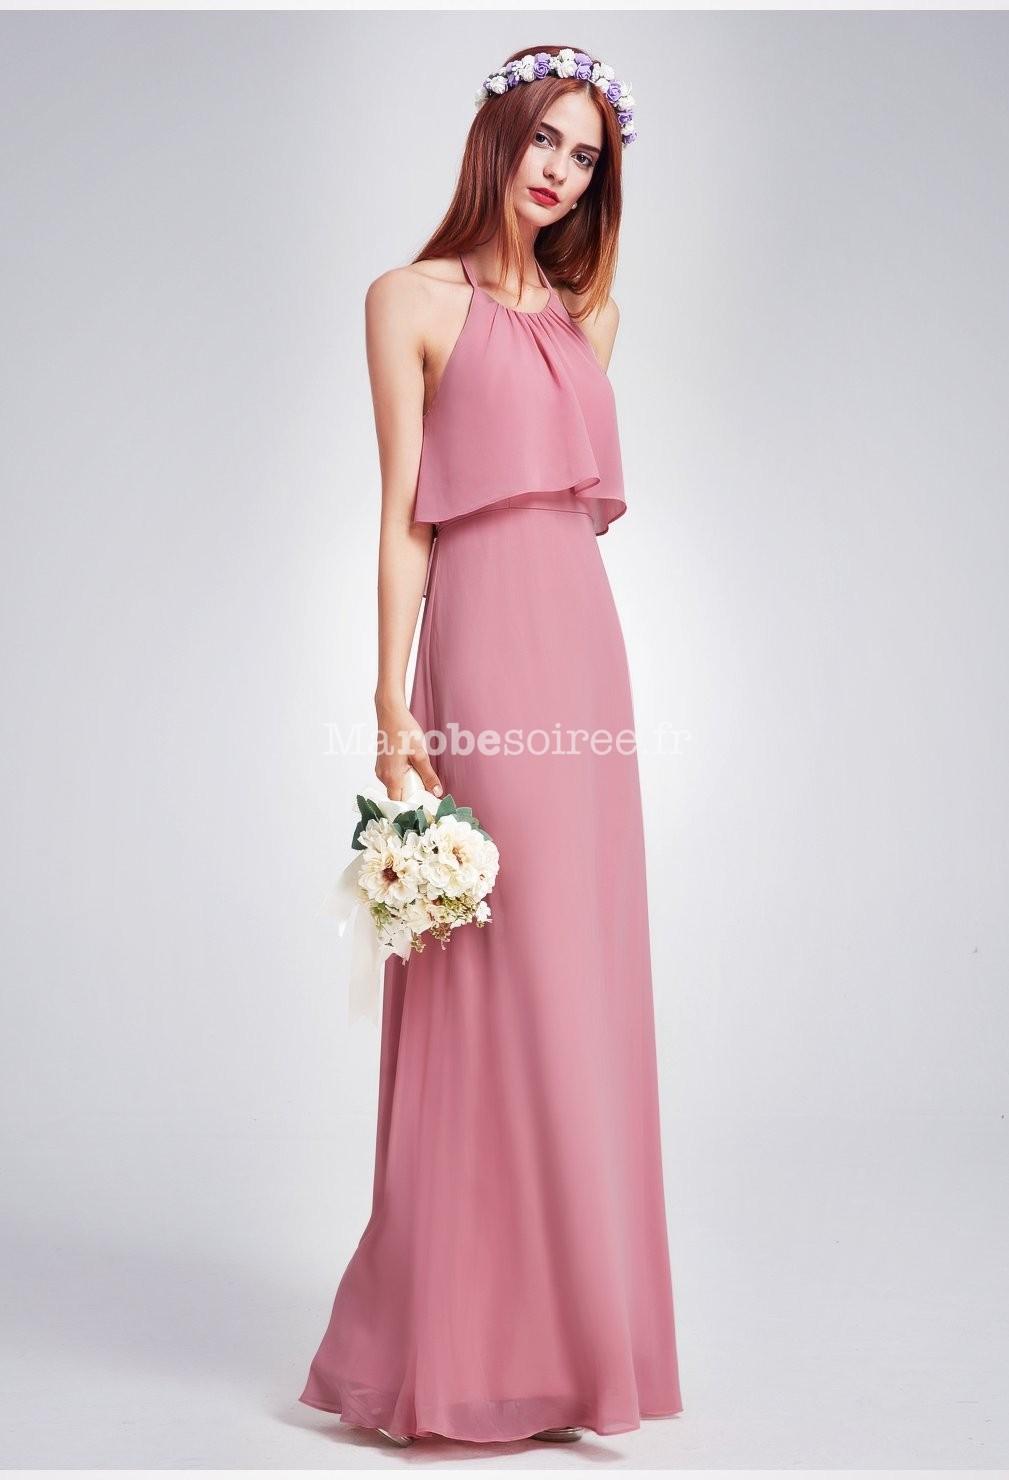 b8802994453 Robe cocktail couleur vieux rose – Robes de soirée populaires en France